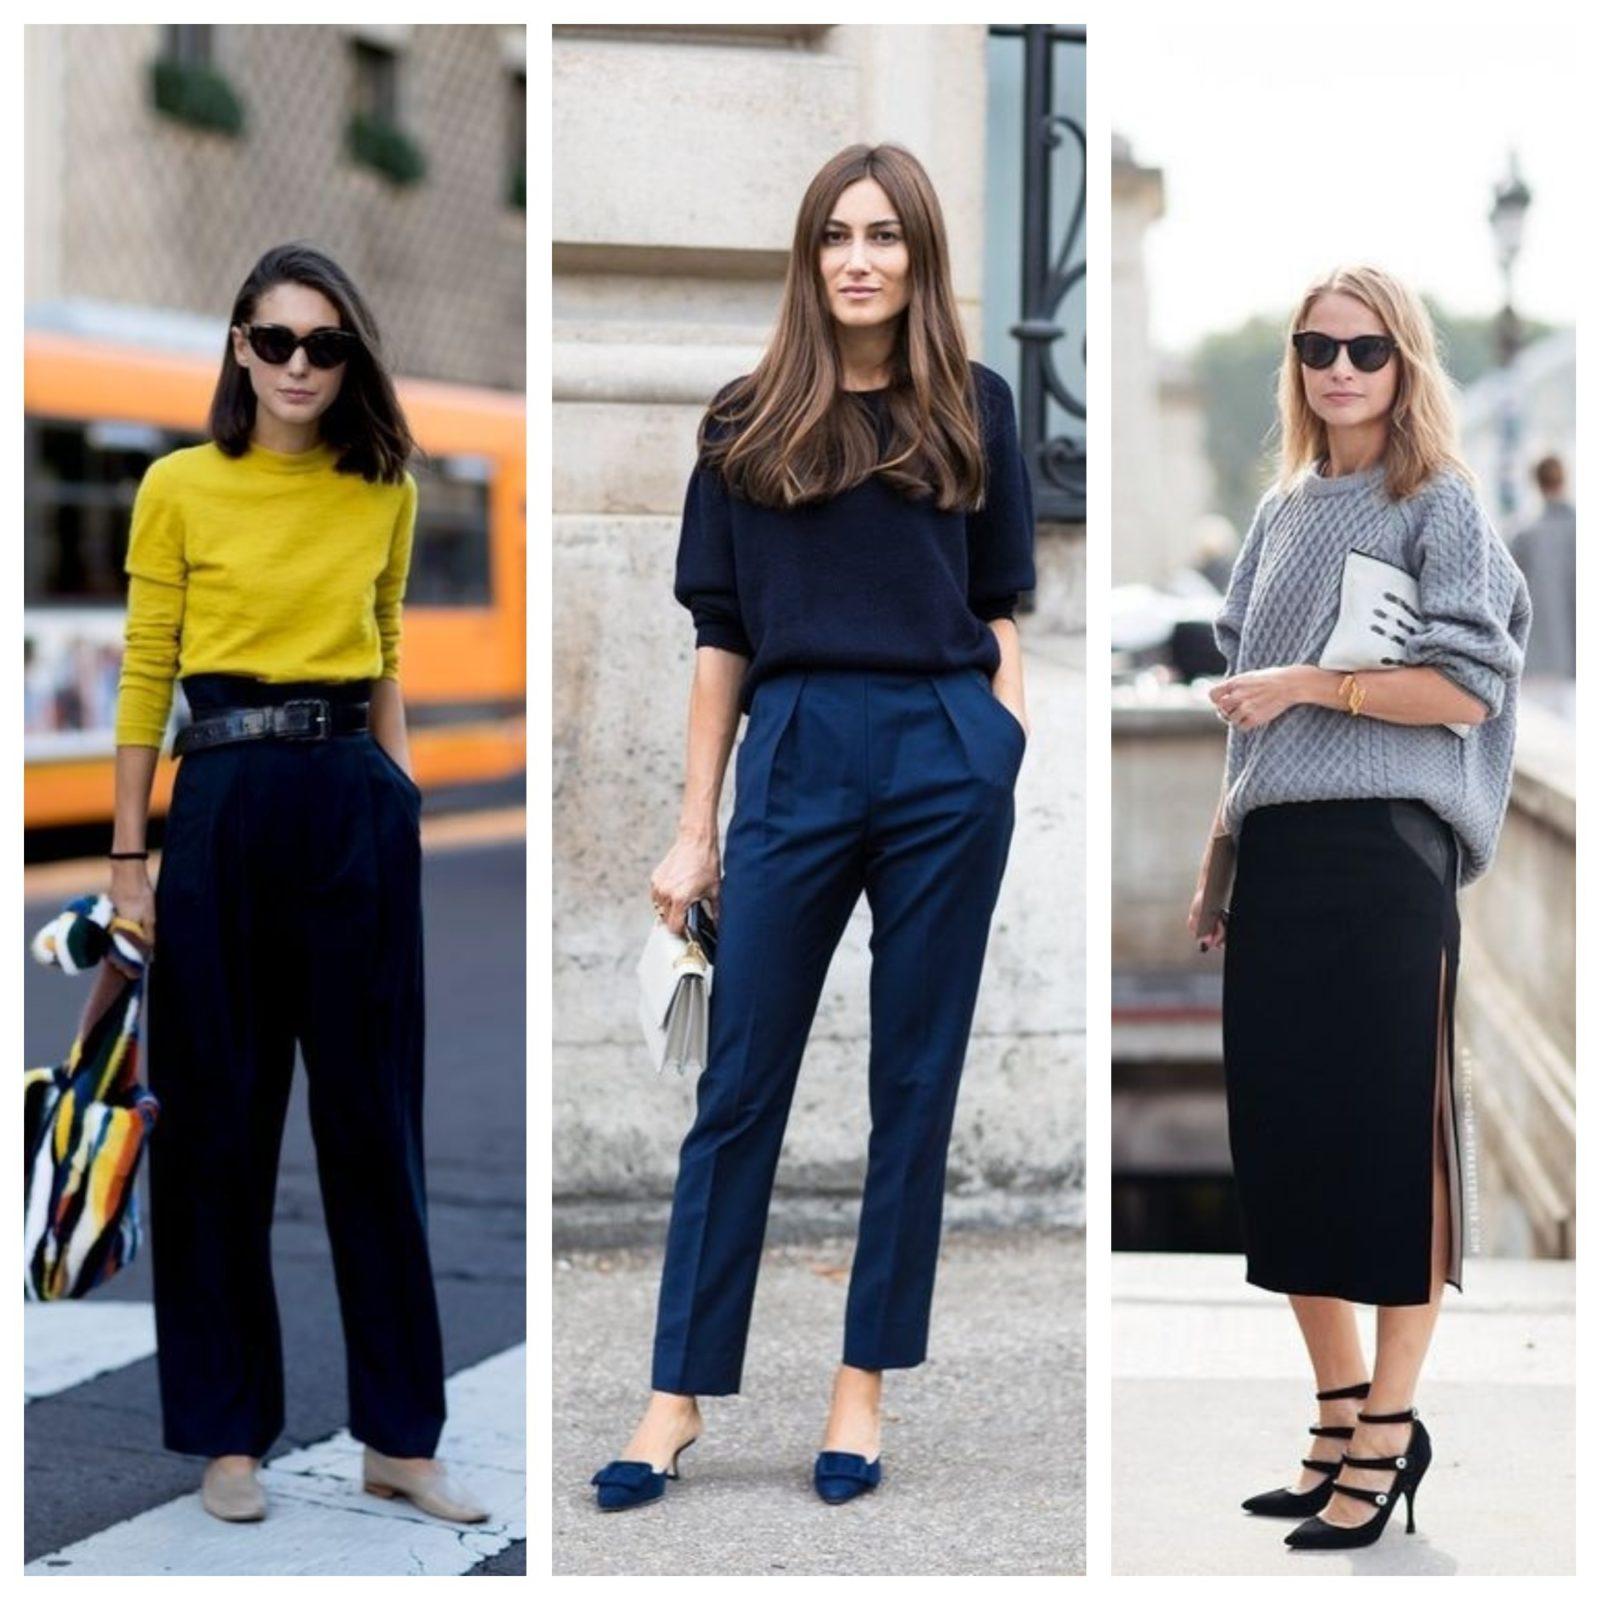 уличный стиль мода 2018 юбочные брючные костюмы